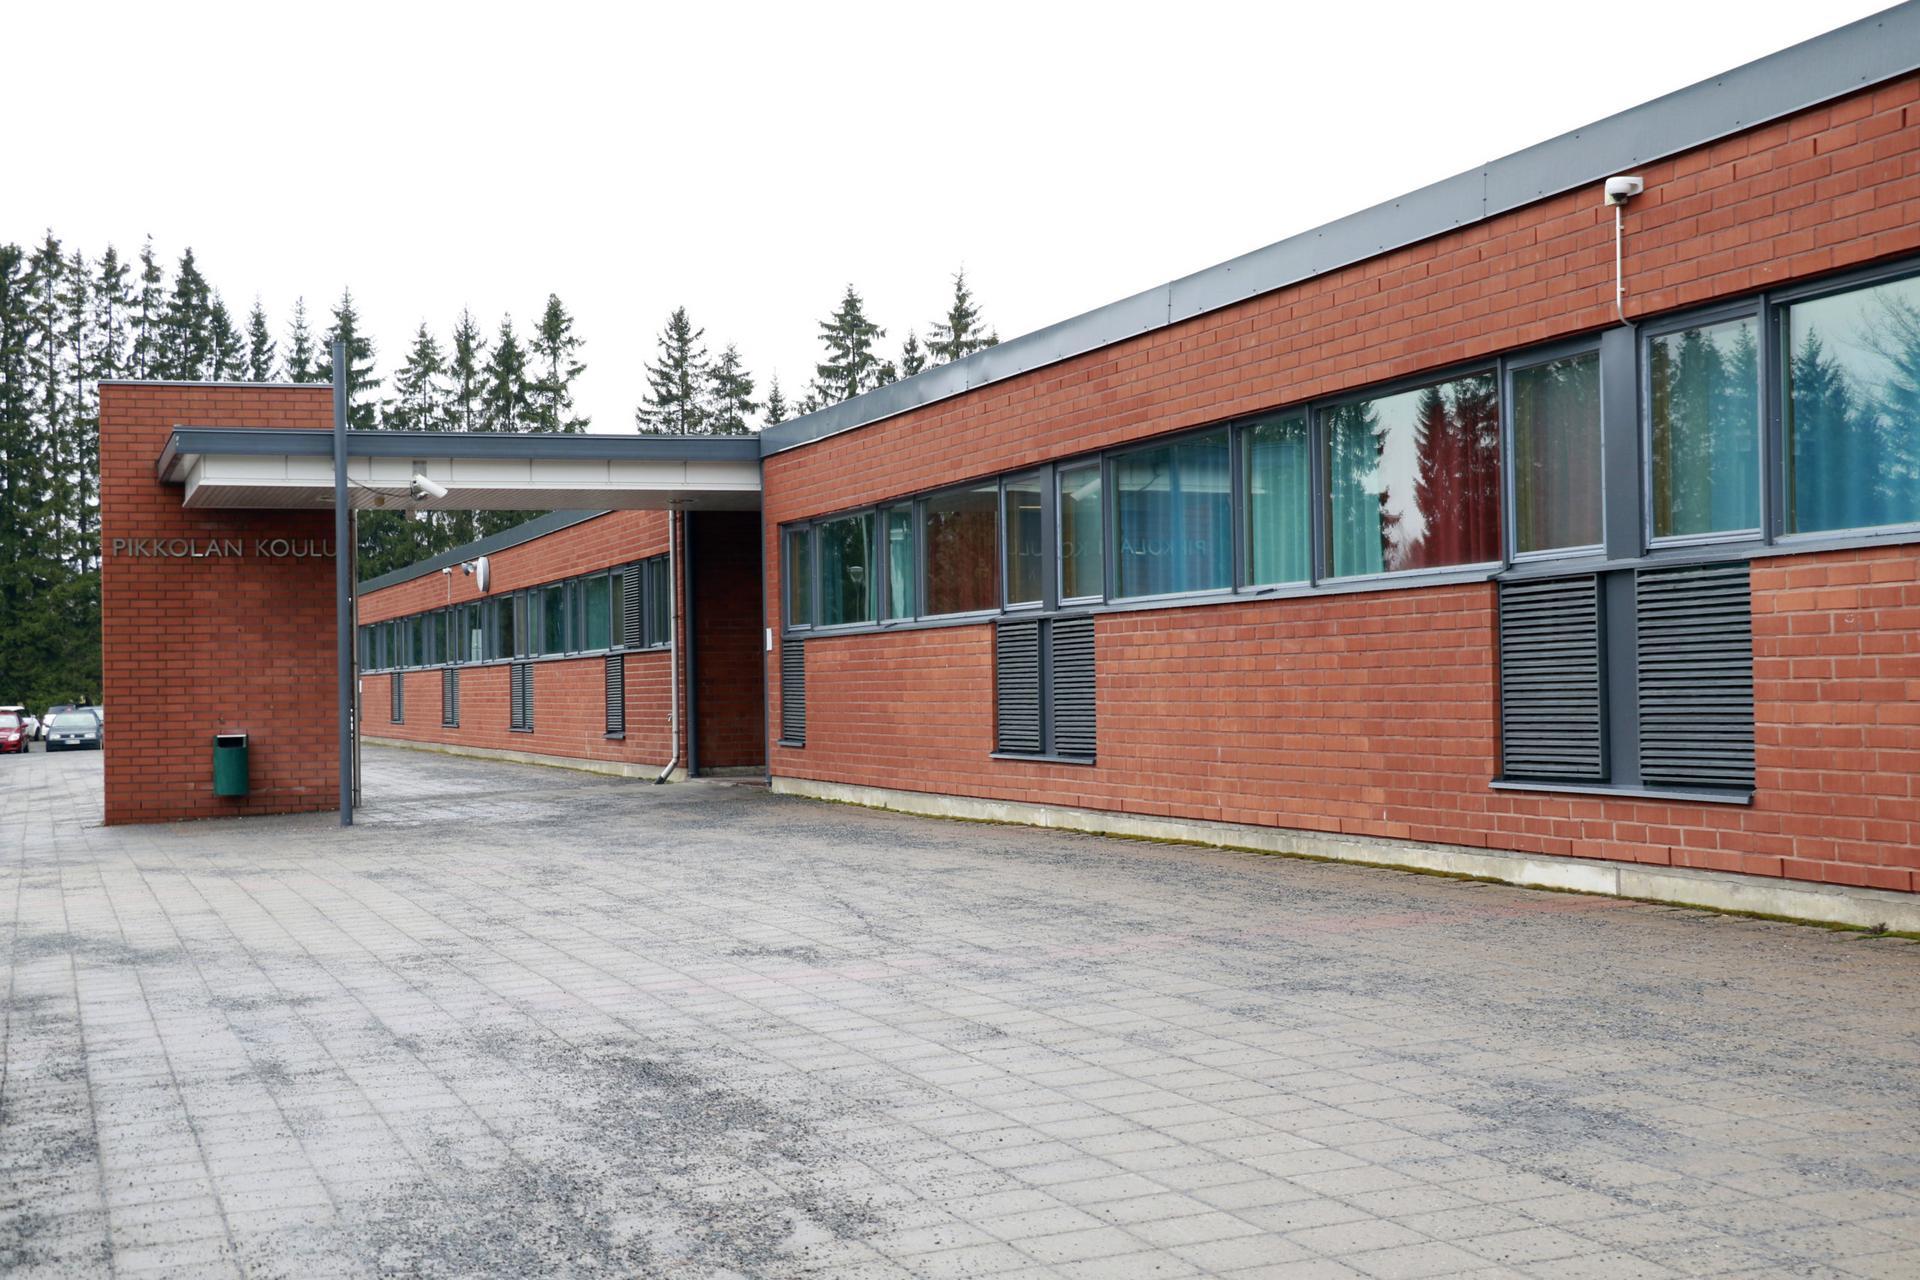 Pikkolan koulu